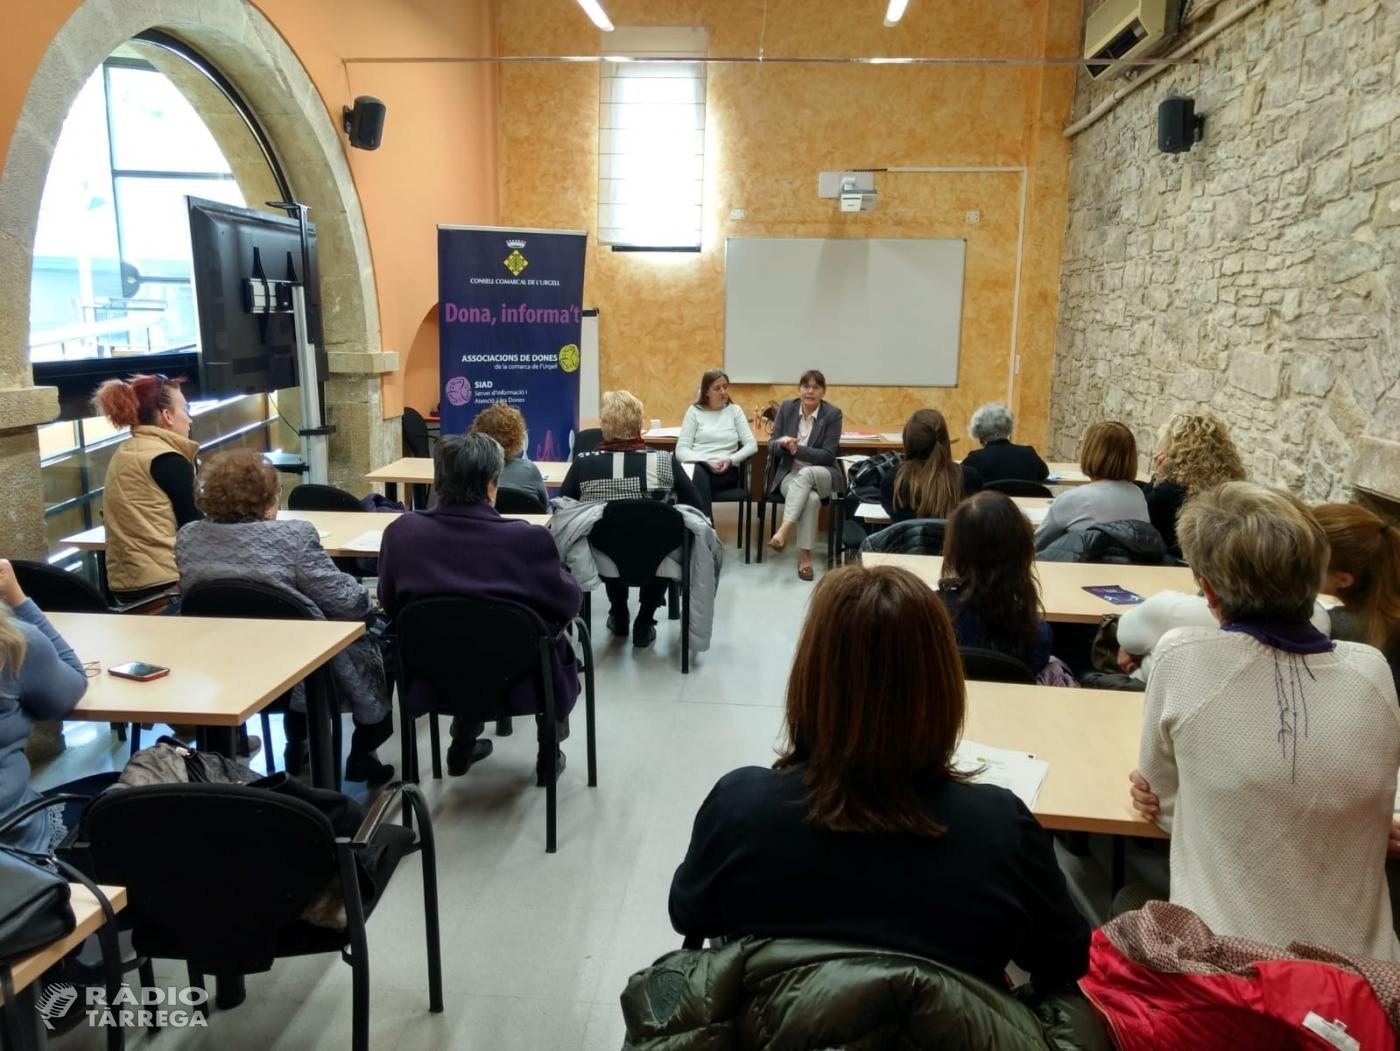 Reunió anual amb les presidentes de les associacions de dones de l'Urgell i els responsables de l'àrea de la dona dels diferents Ajuntaments